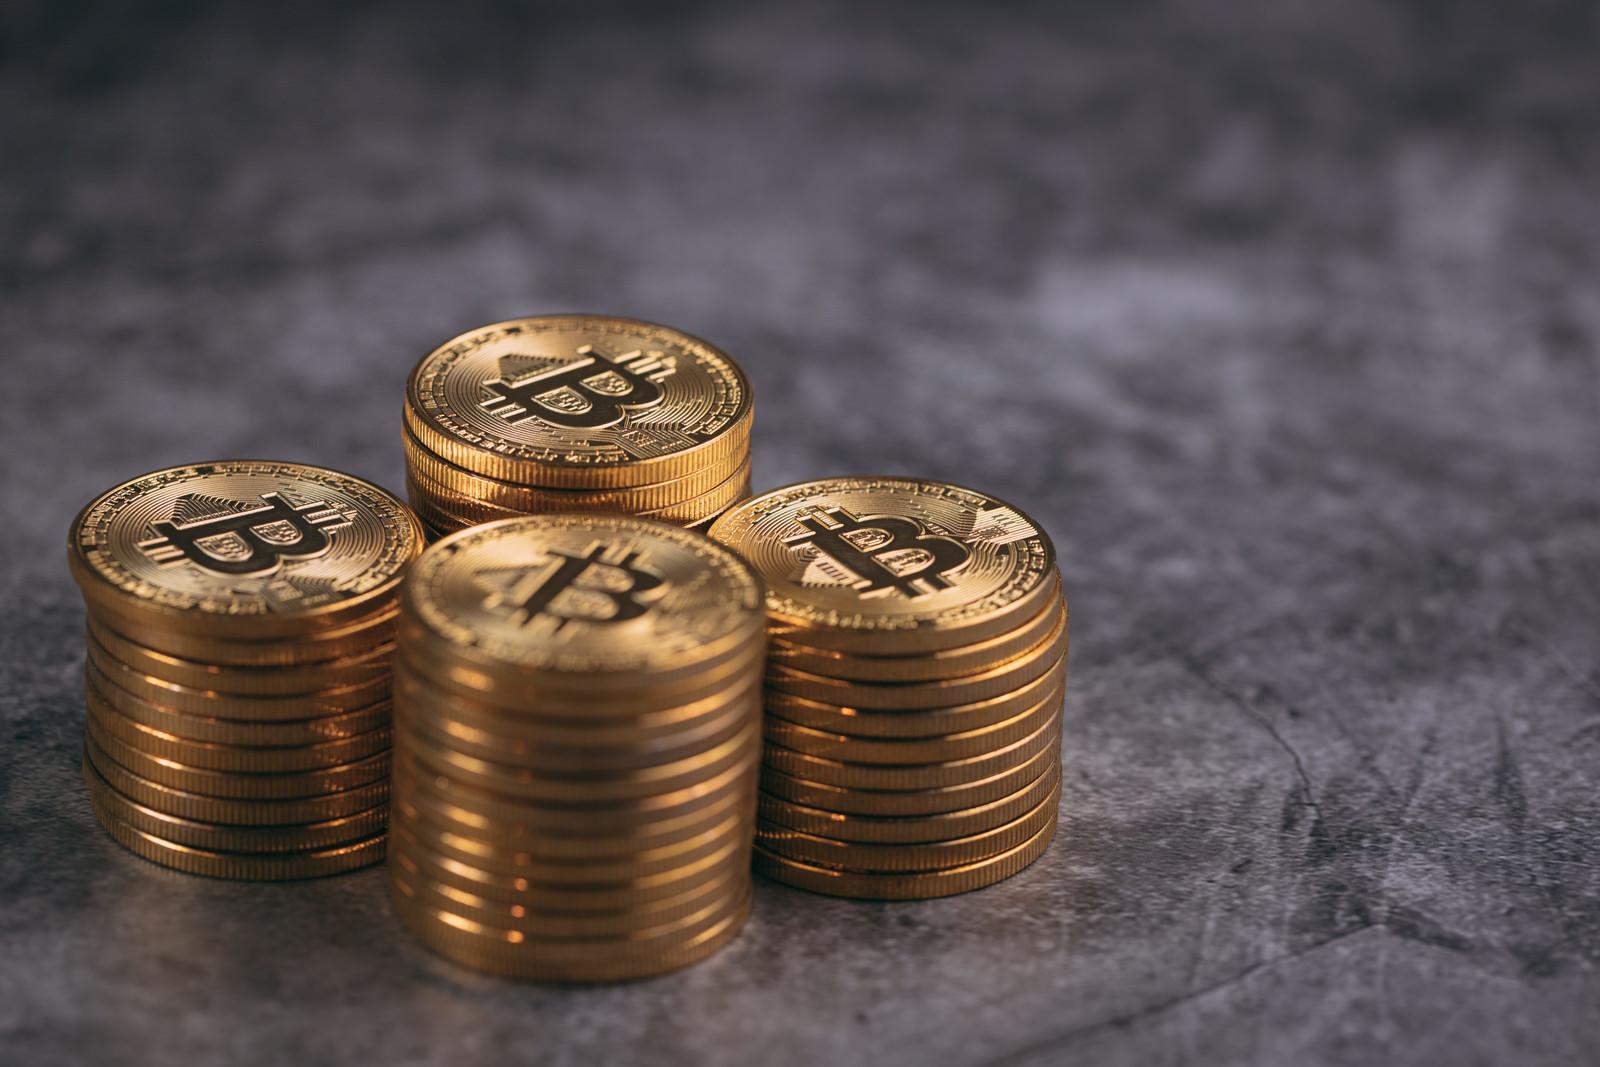 「積み上げた四つ山のビットコイン」の写真